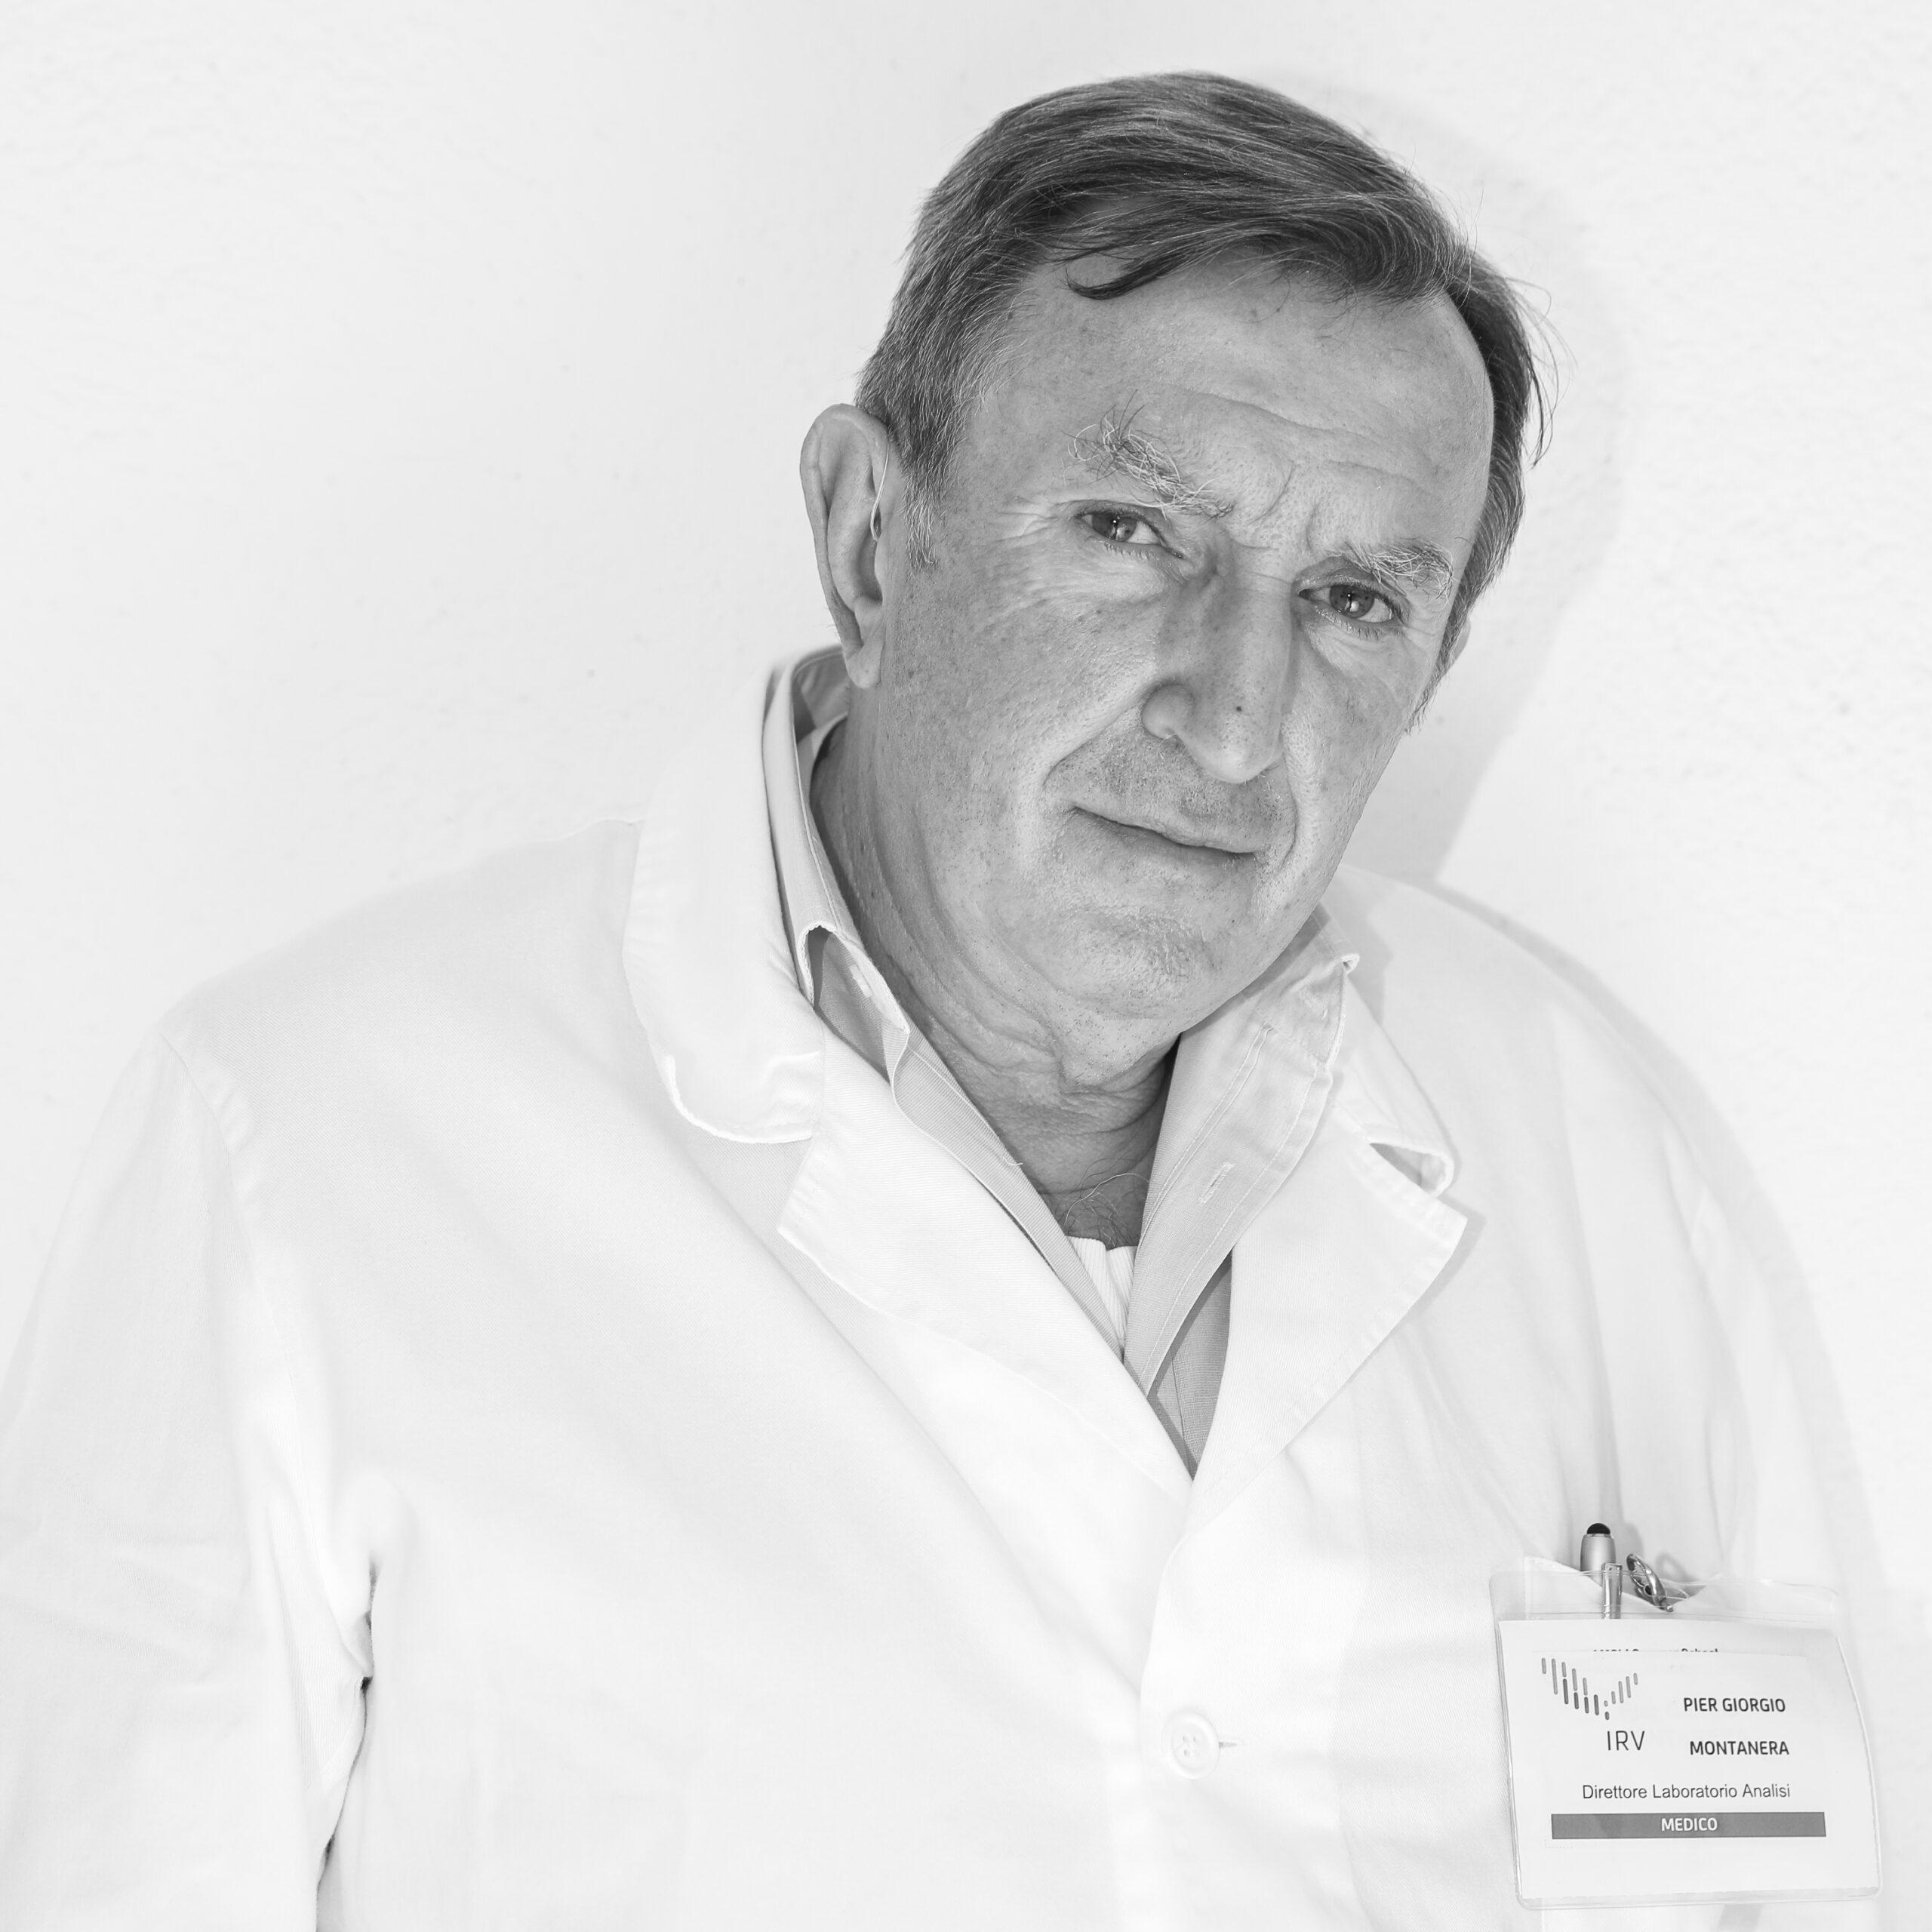 Dr. Pier Giorgio Montanera